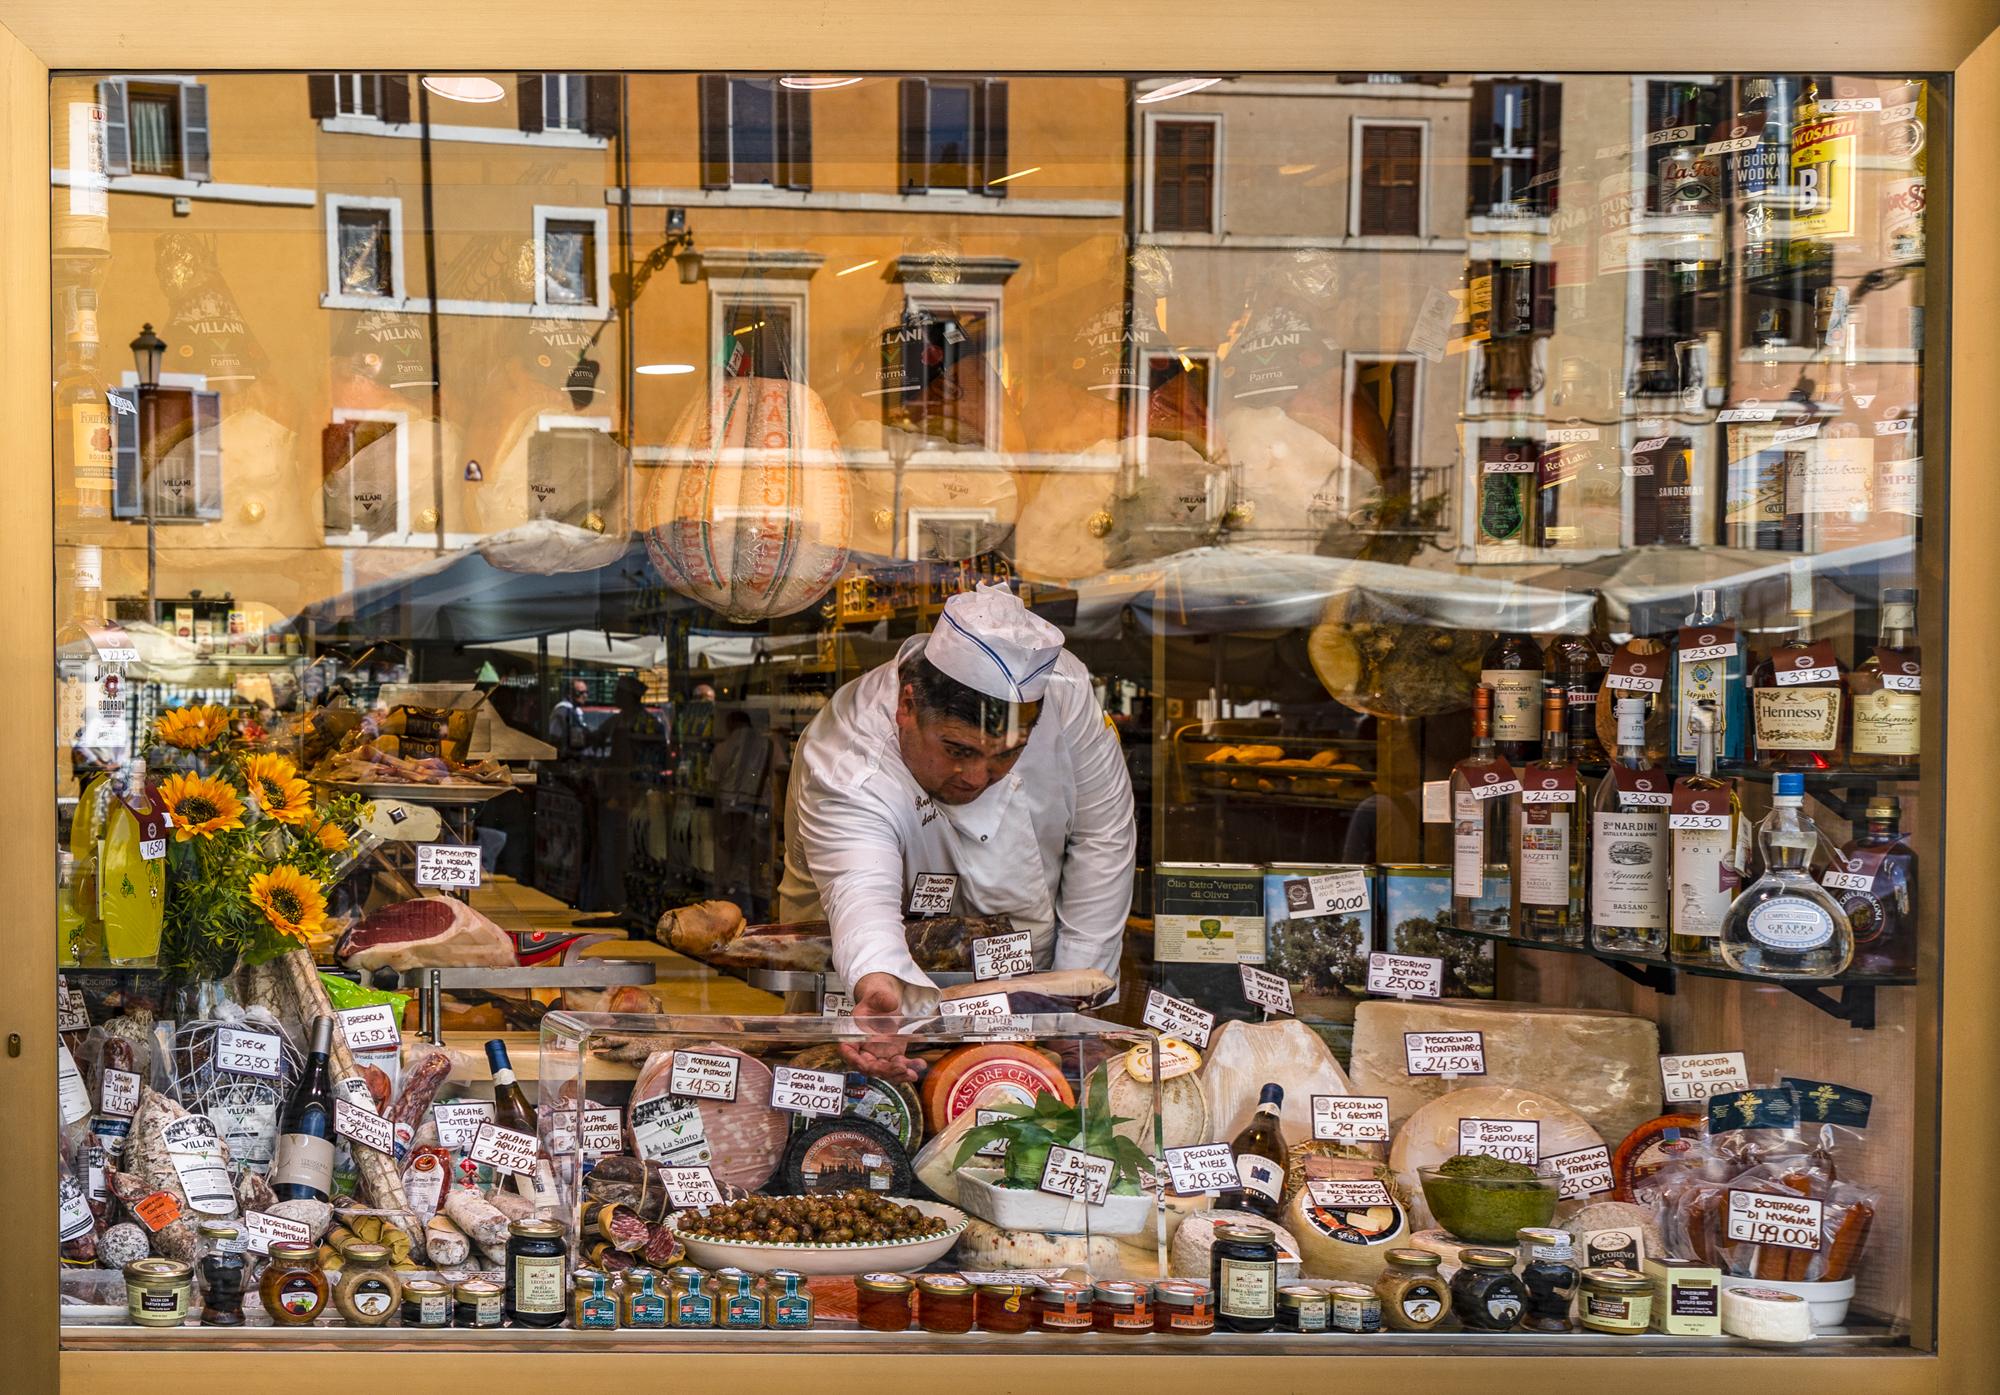 Delicatessen window, Rome